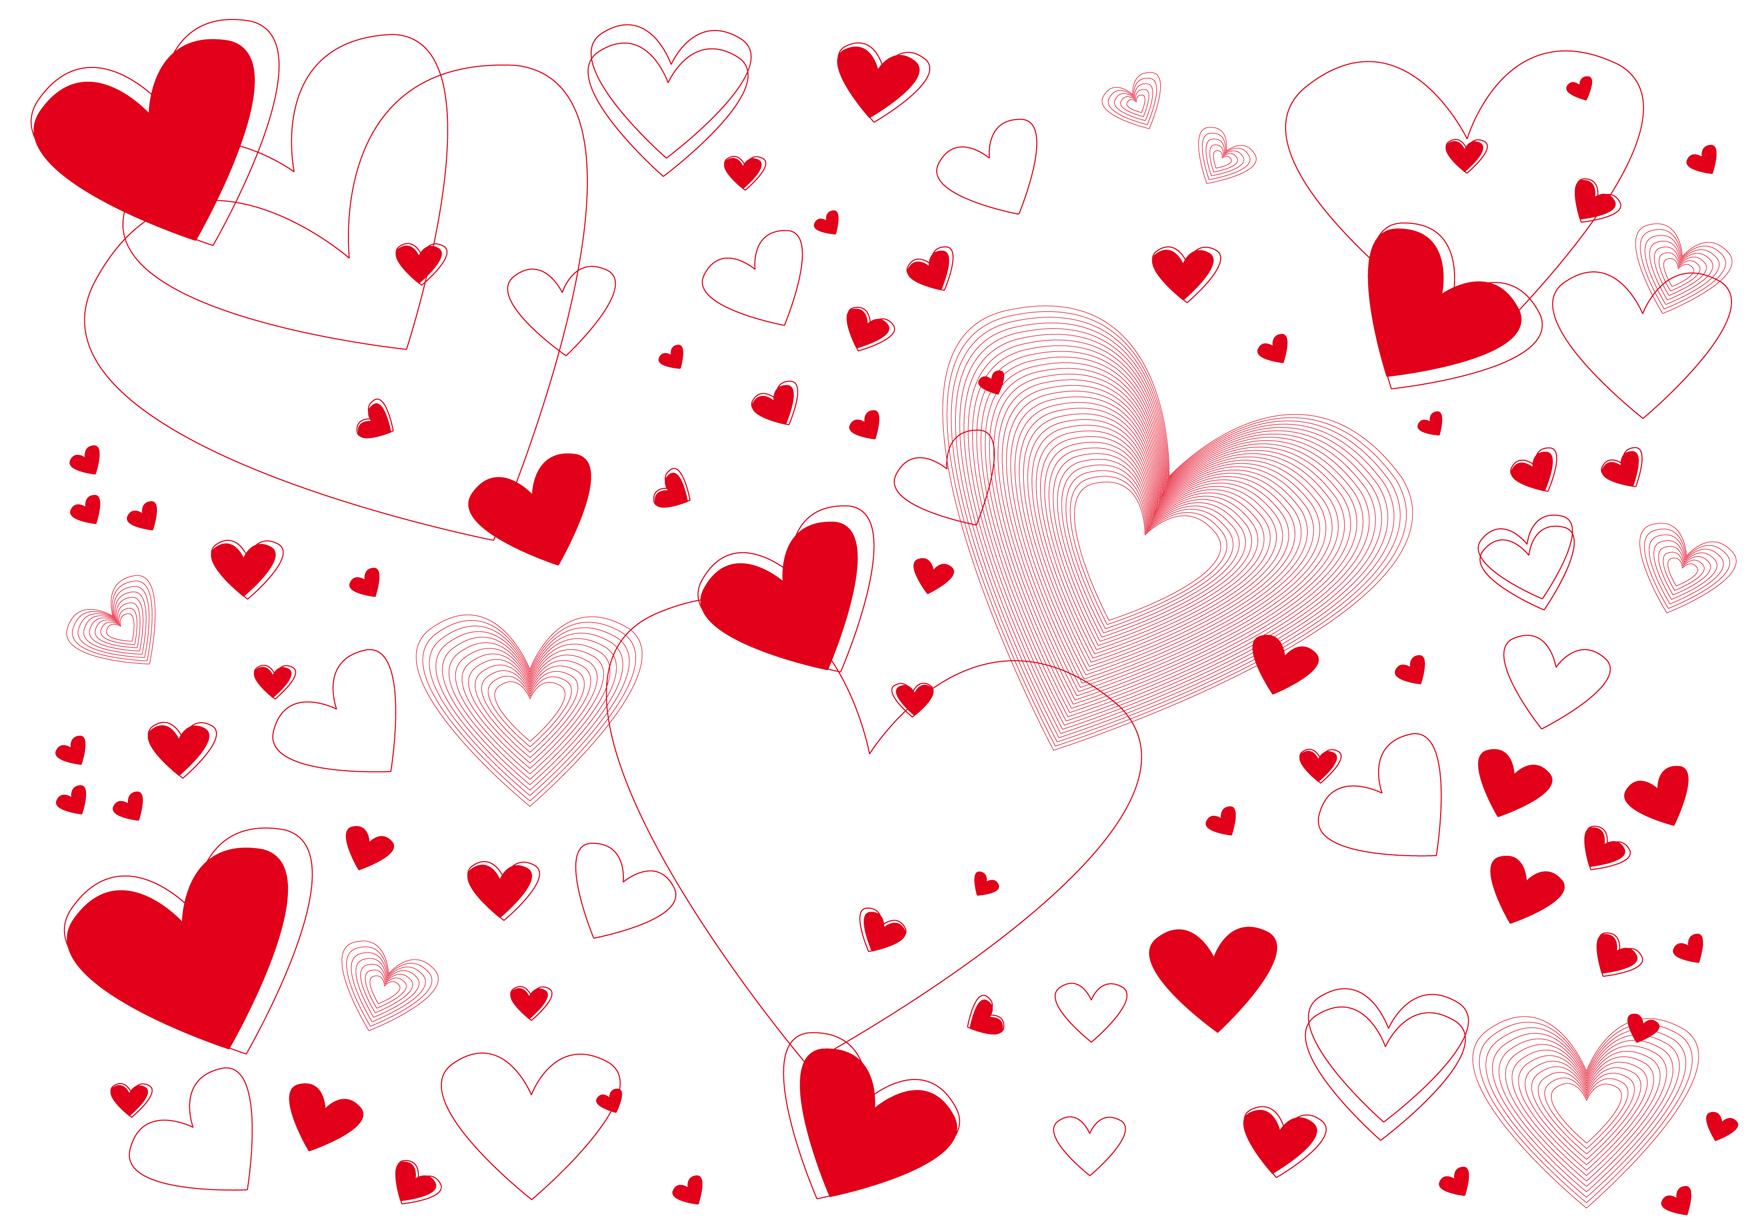 fondos de corazones fondos de pantalla